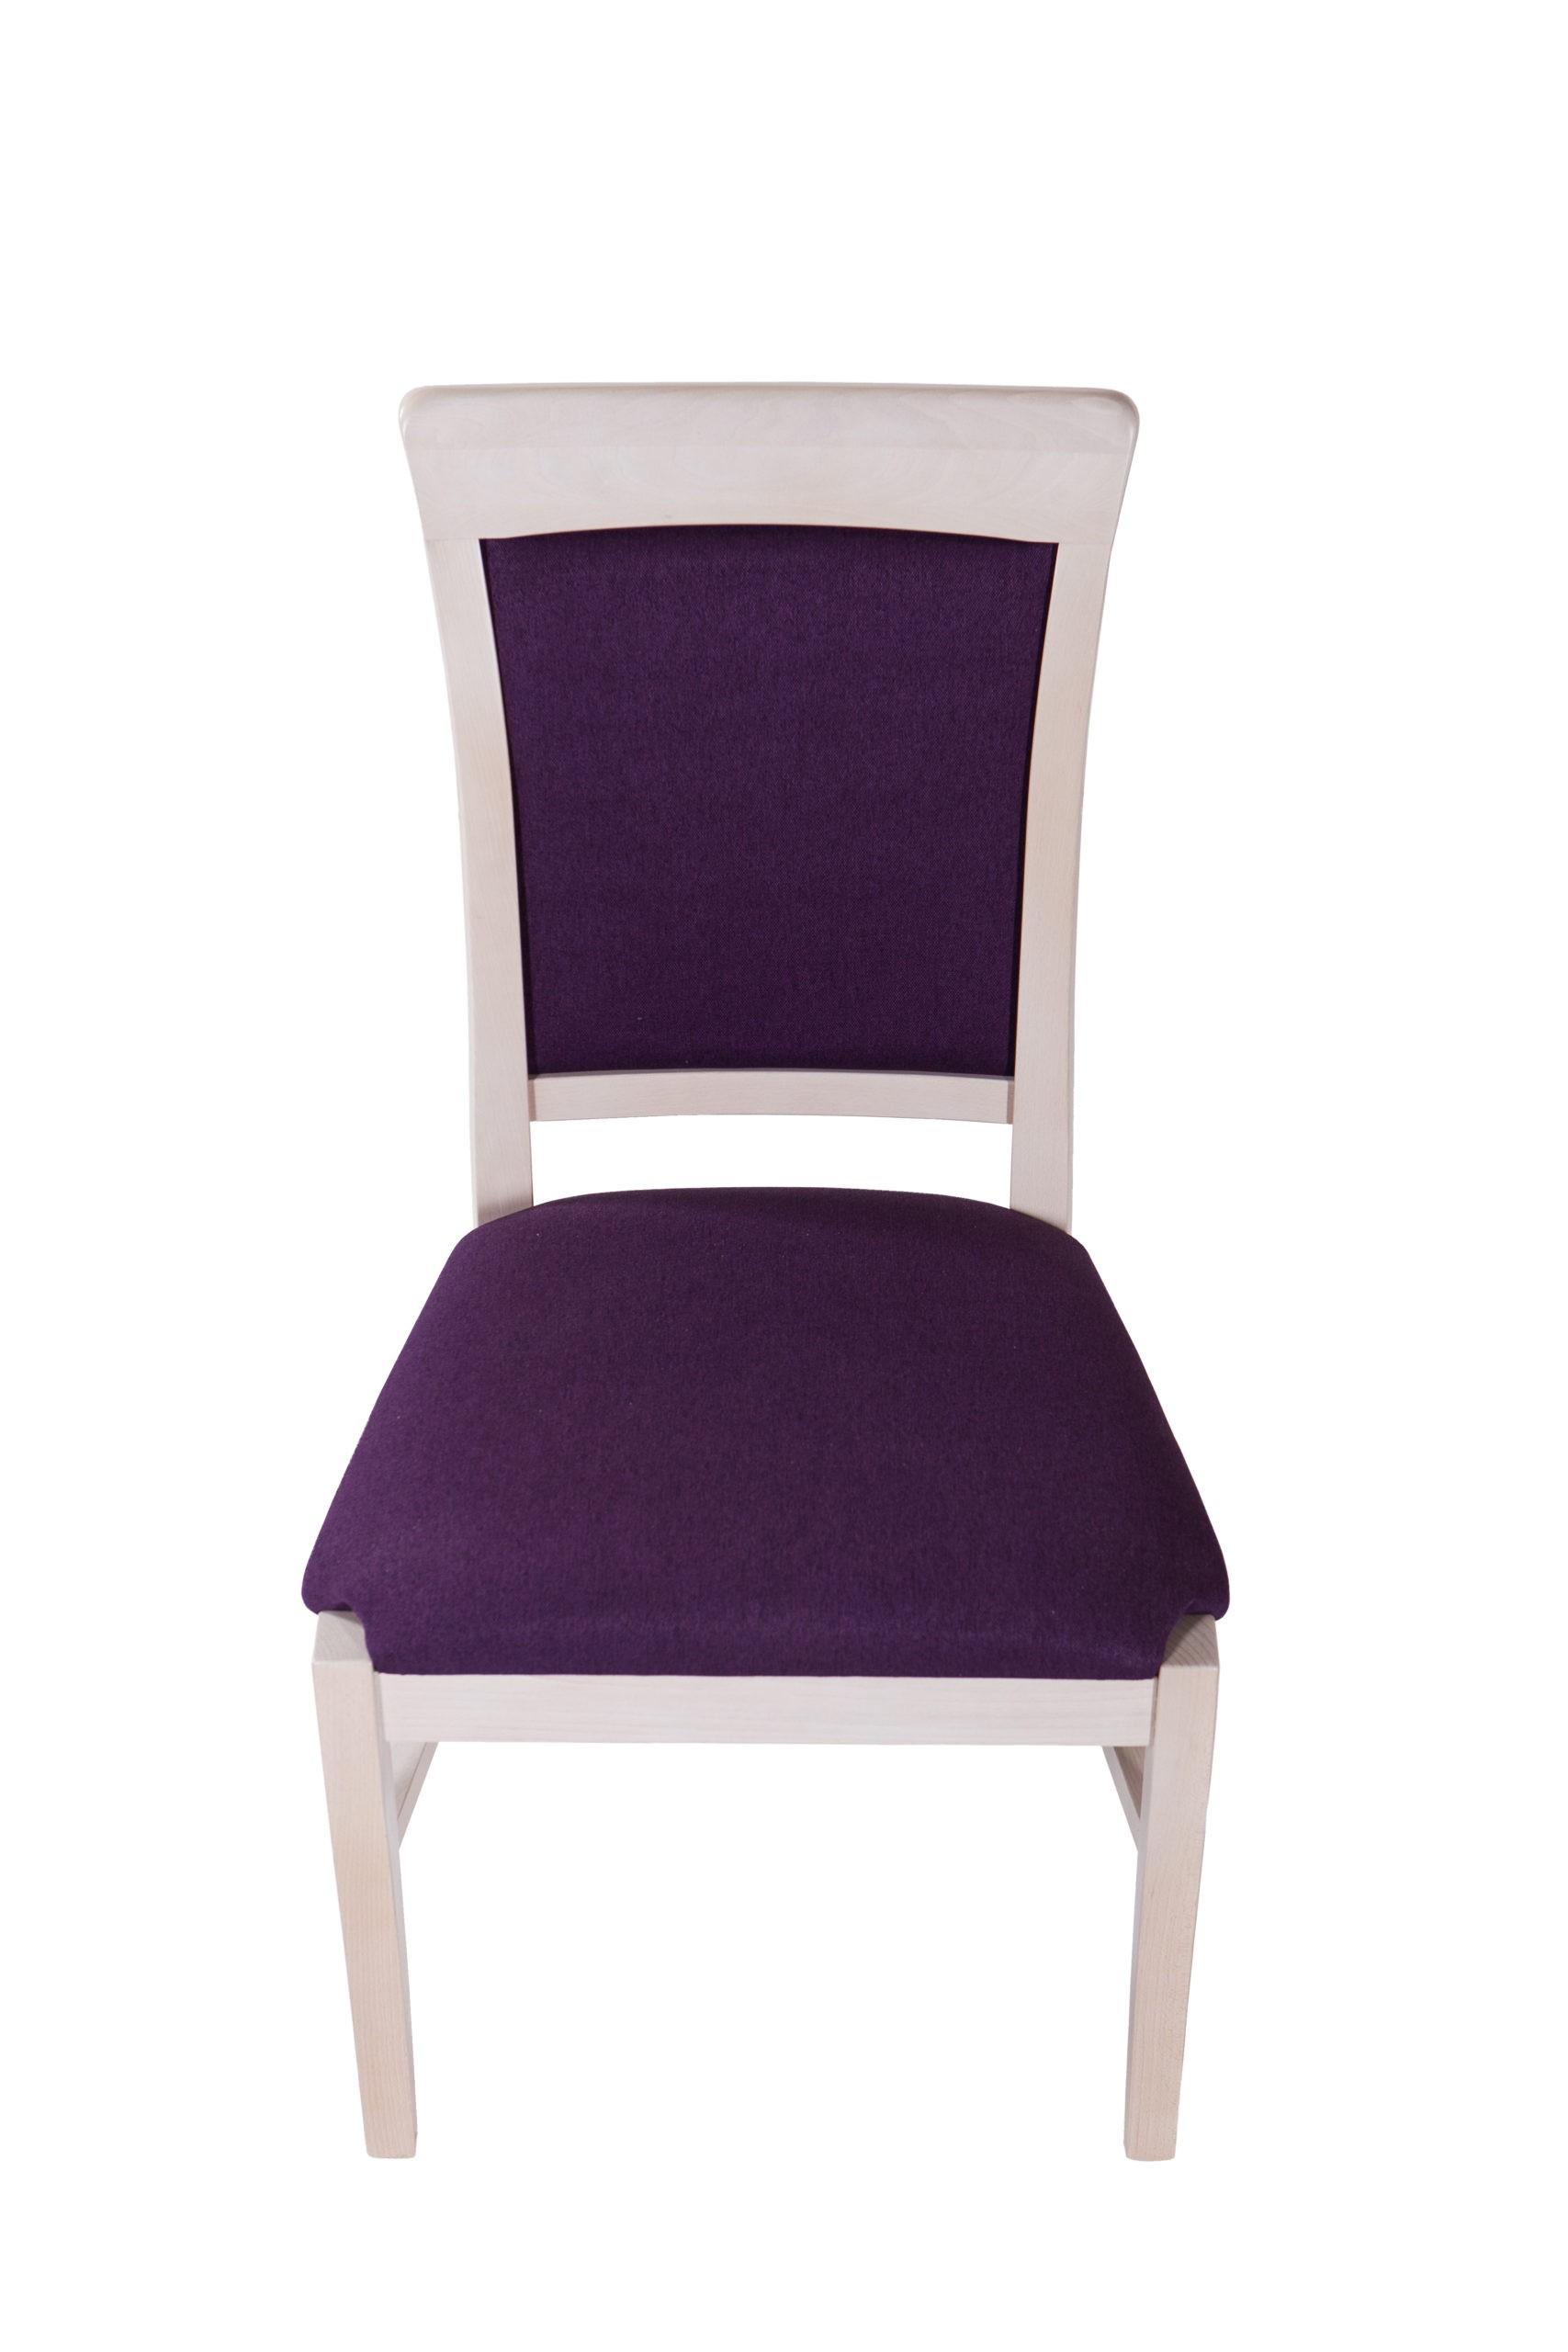 Bardzo wygodne krzesło KT54 dostępne w różnych kolorach oraz tkaninach